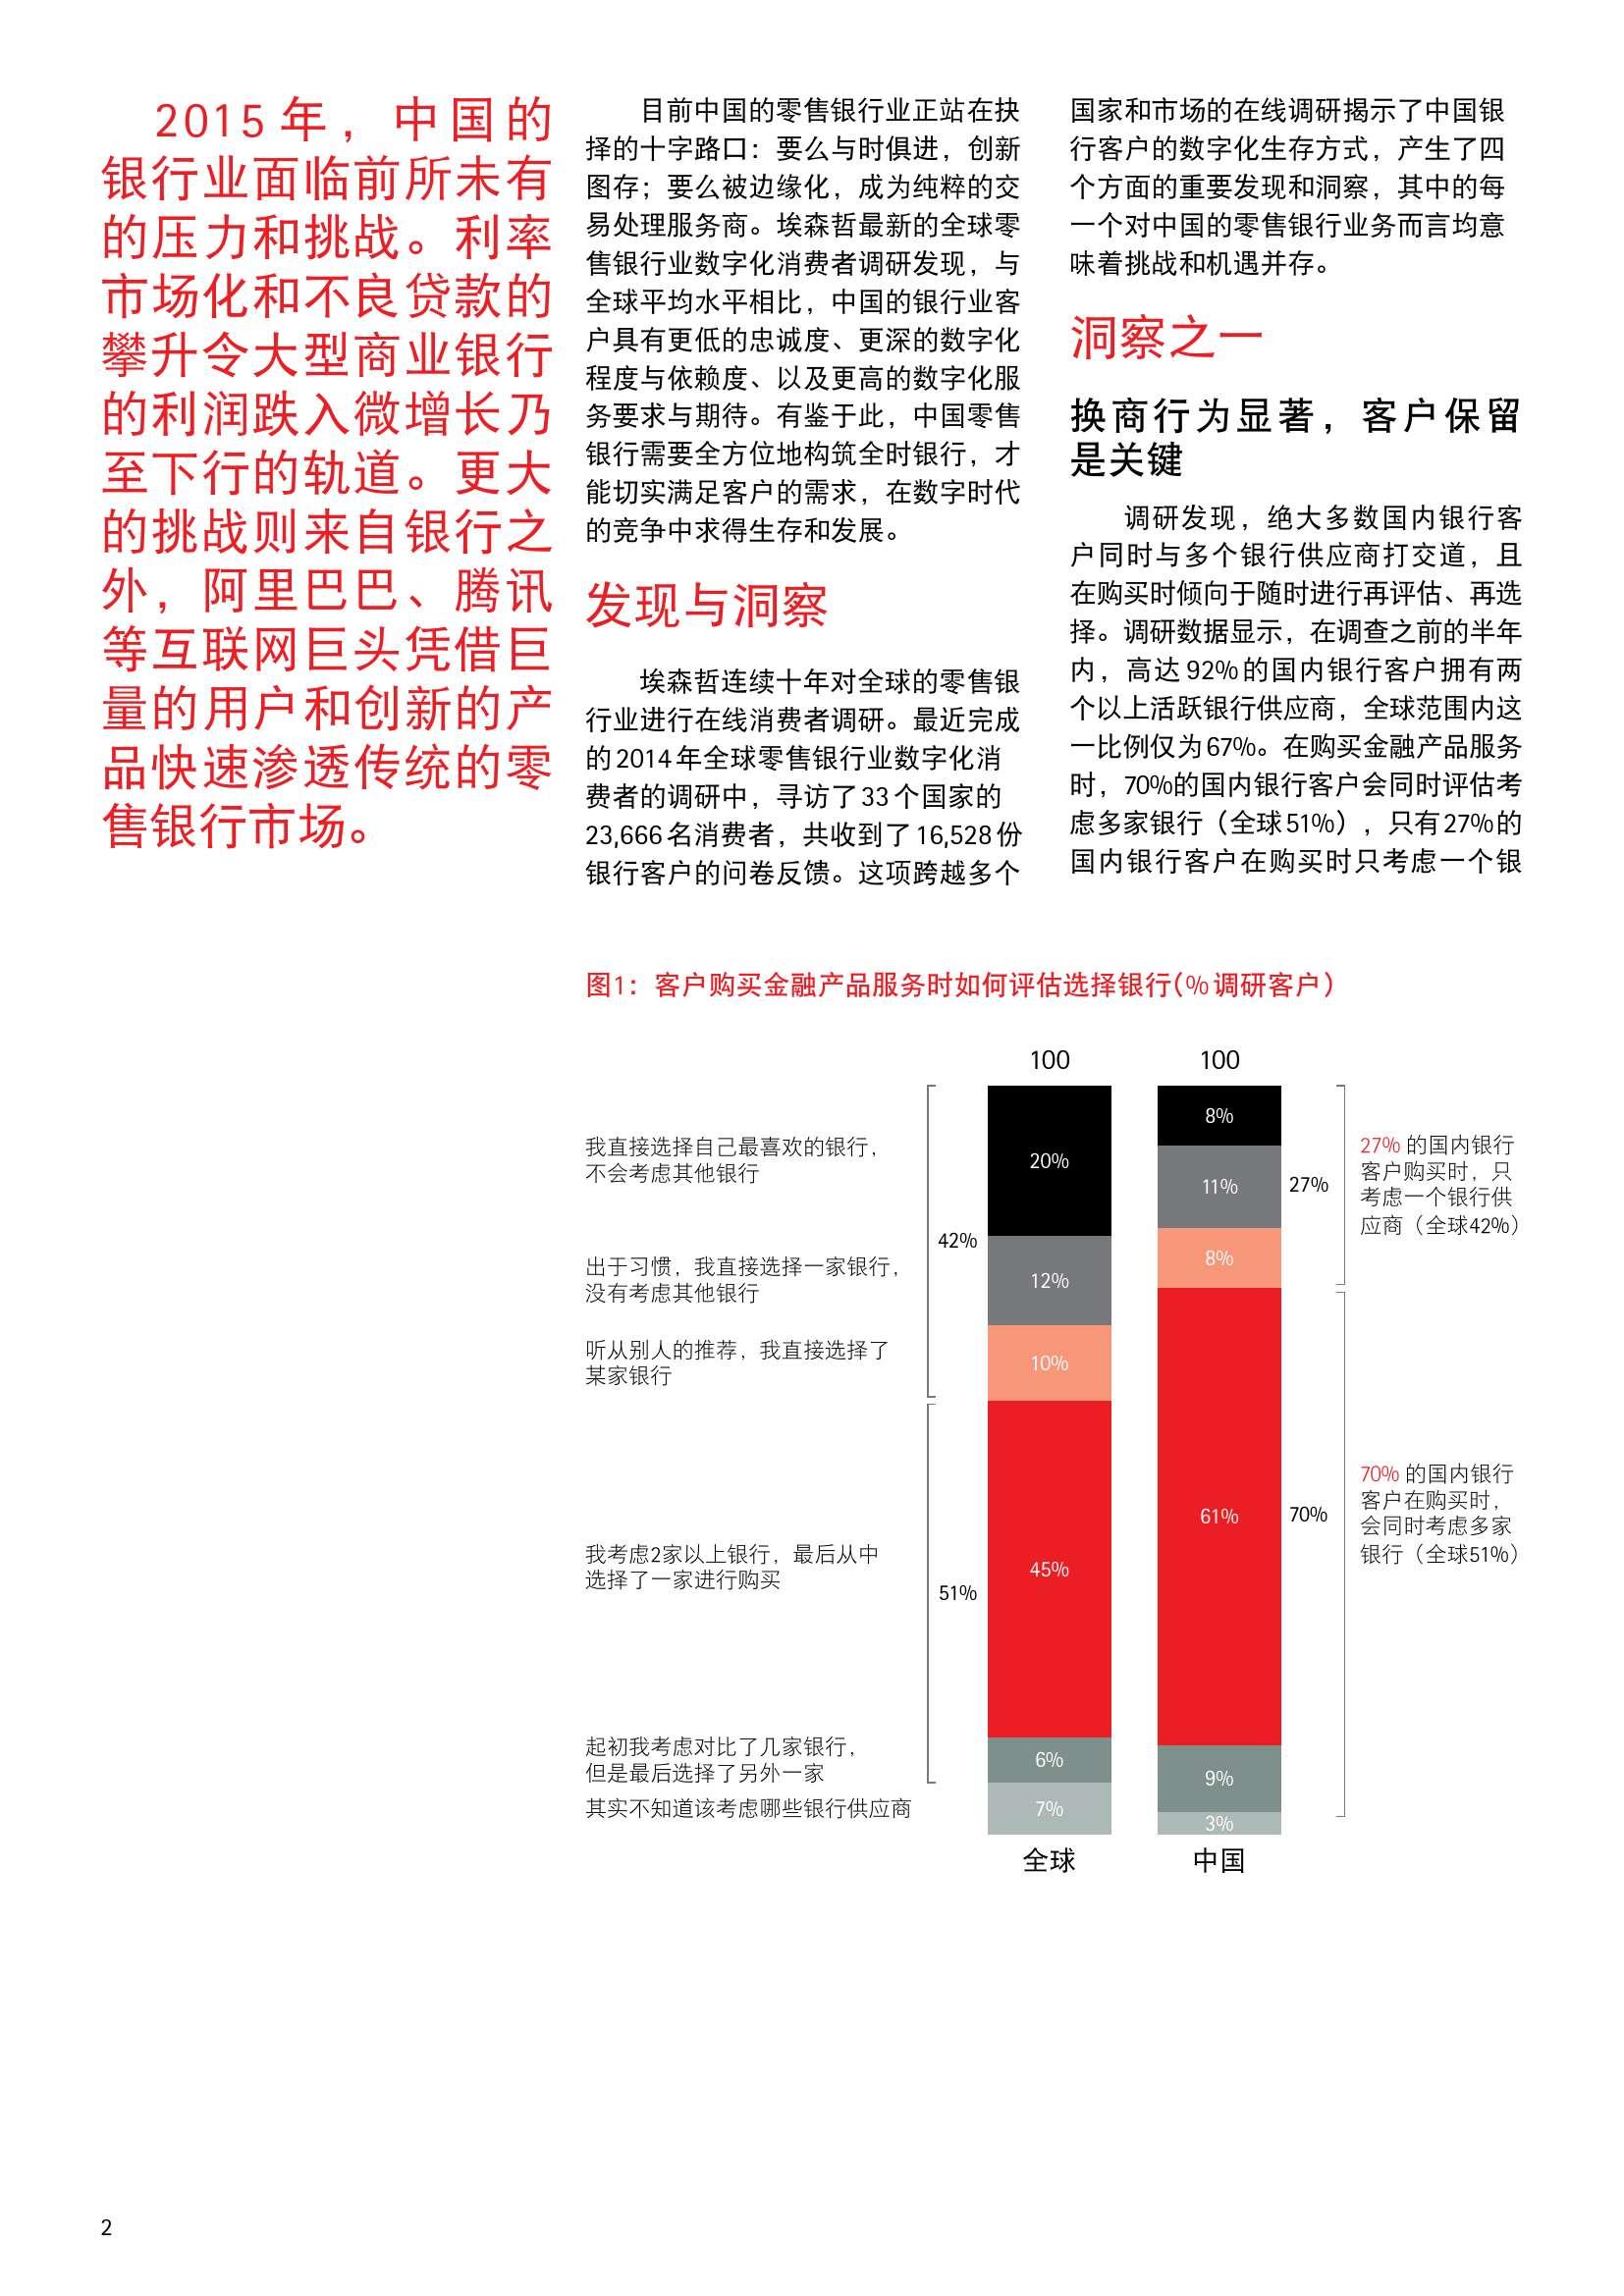 埃森哲中国零售银行数字化消费者调研_000002